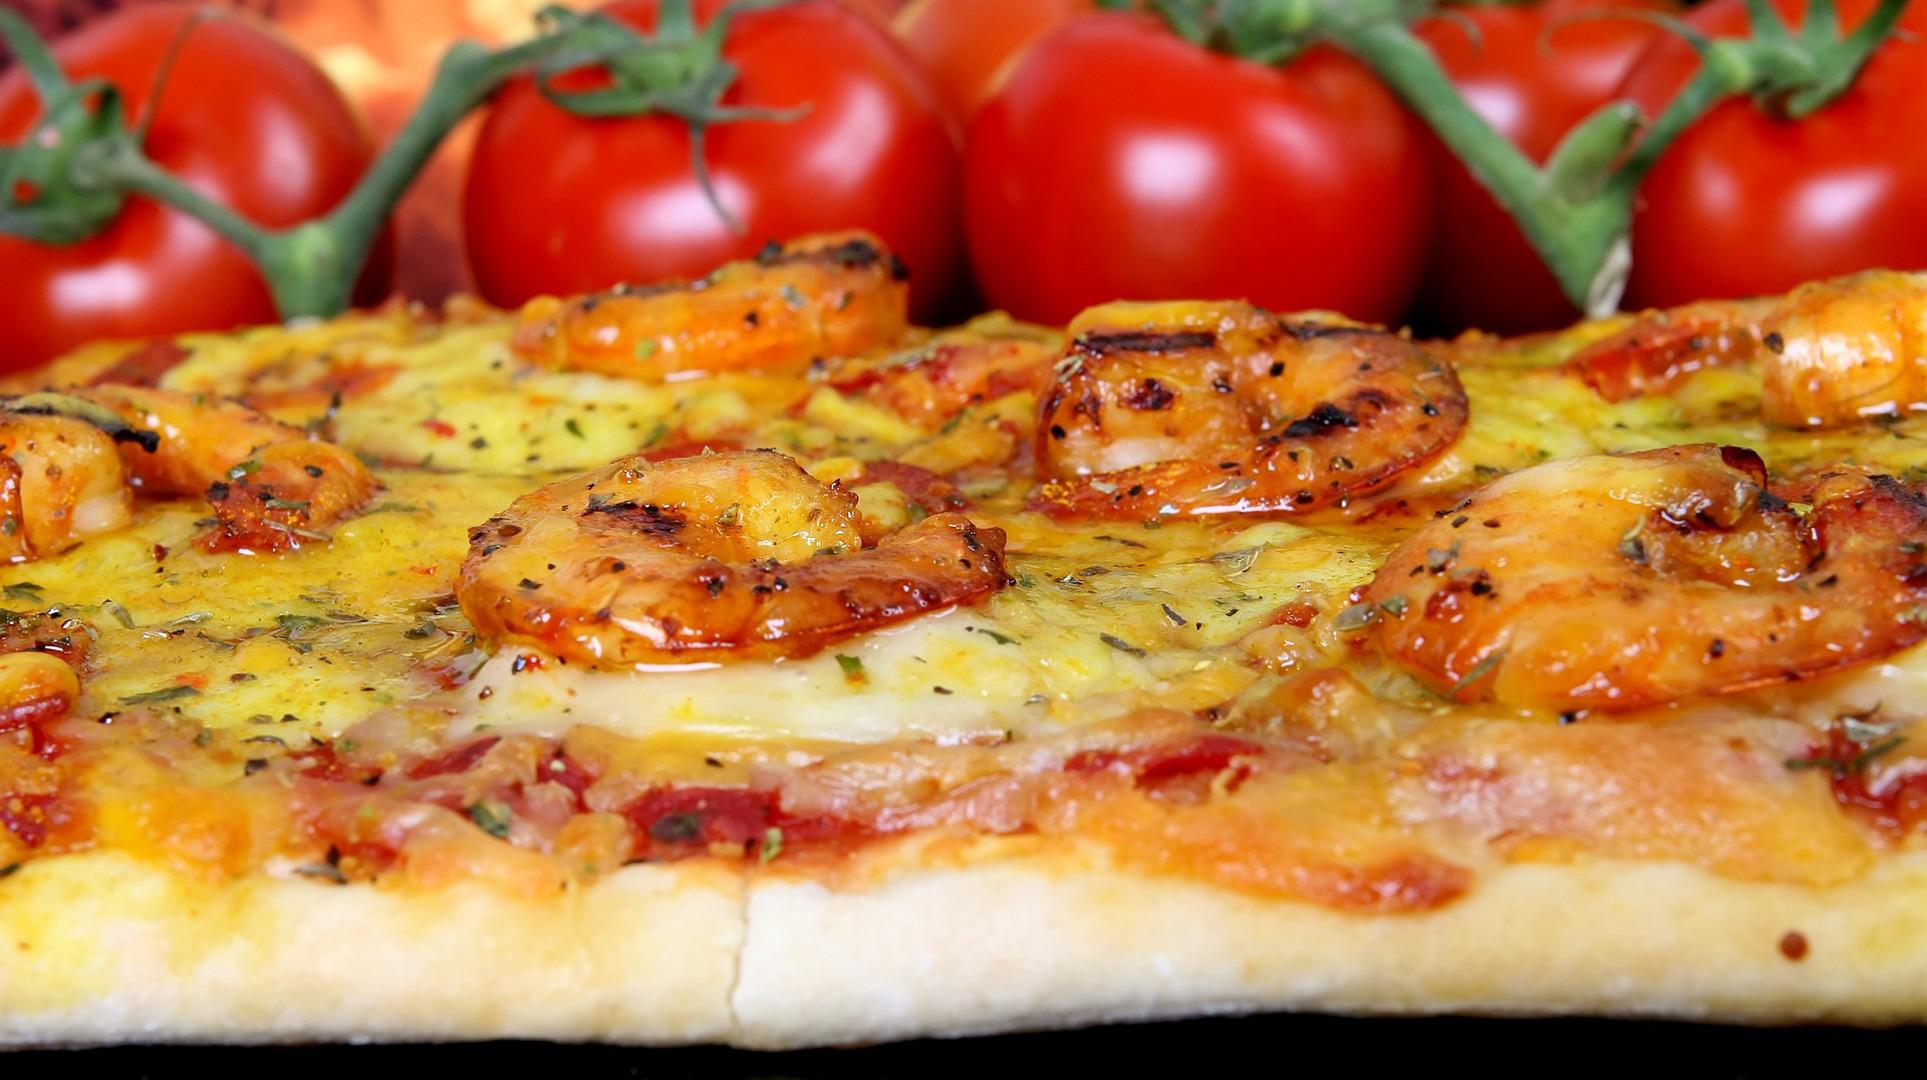 El tomate, un ingrediente versatil que aporta color y sabor 1920